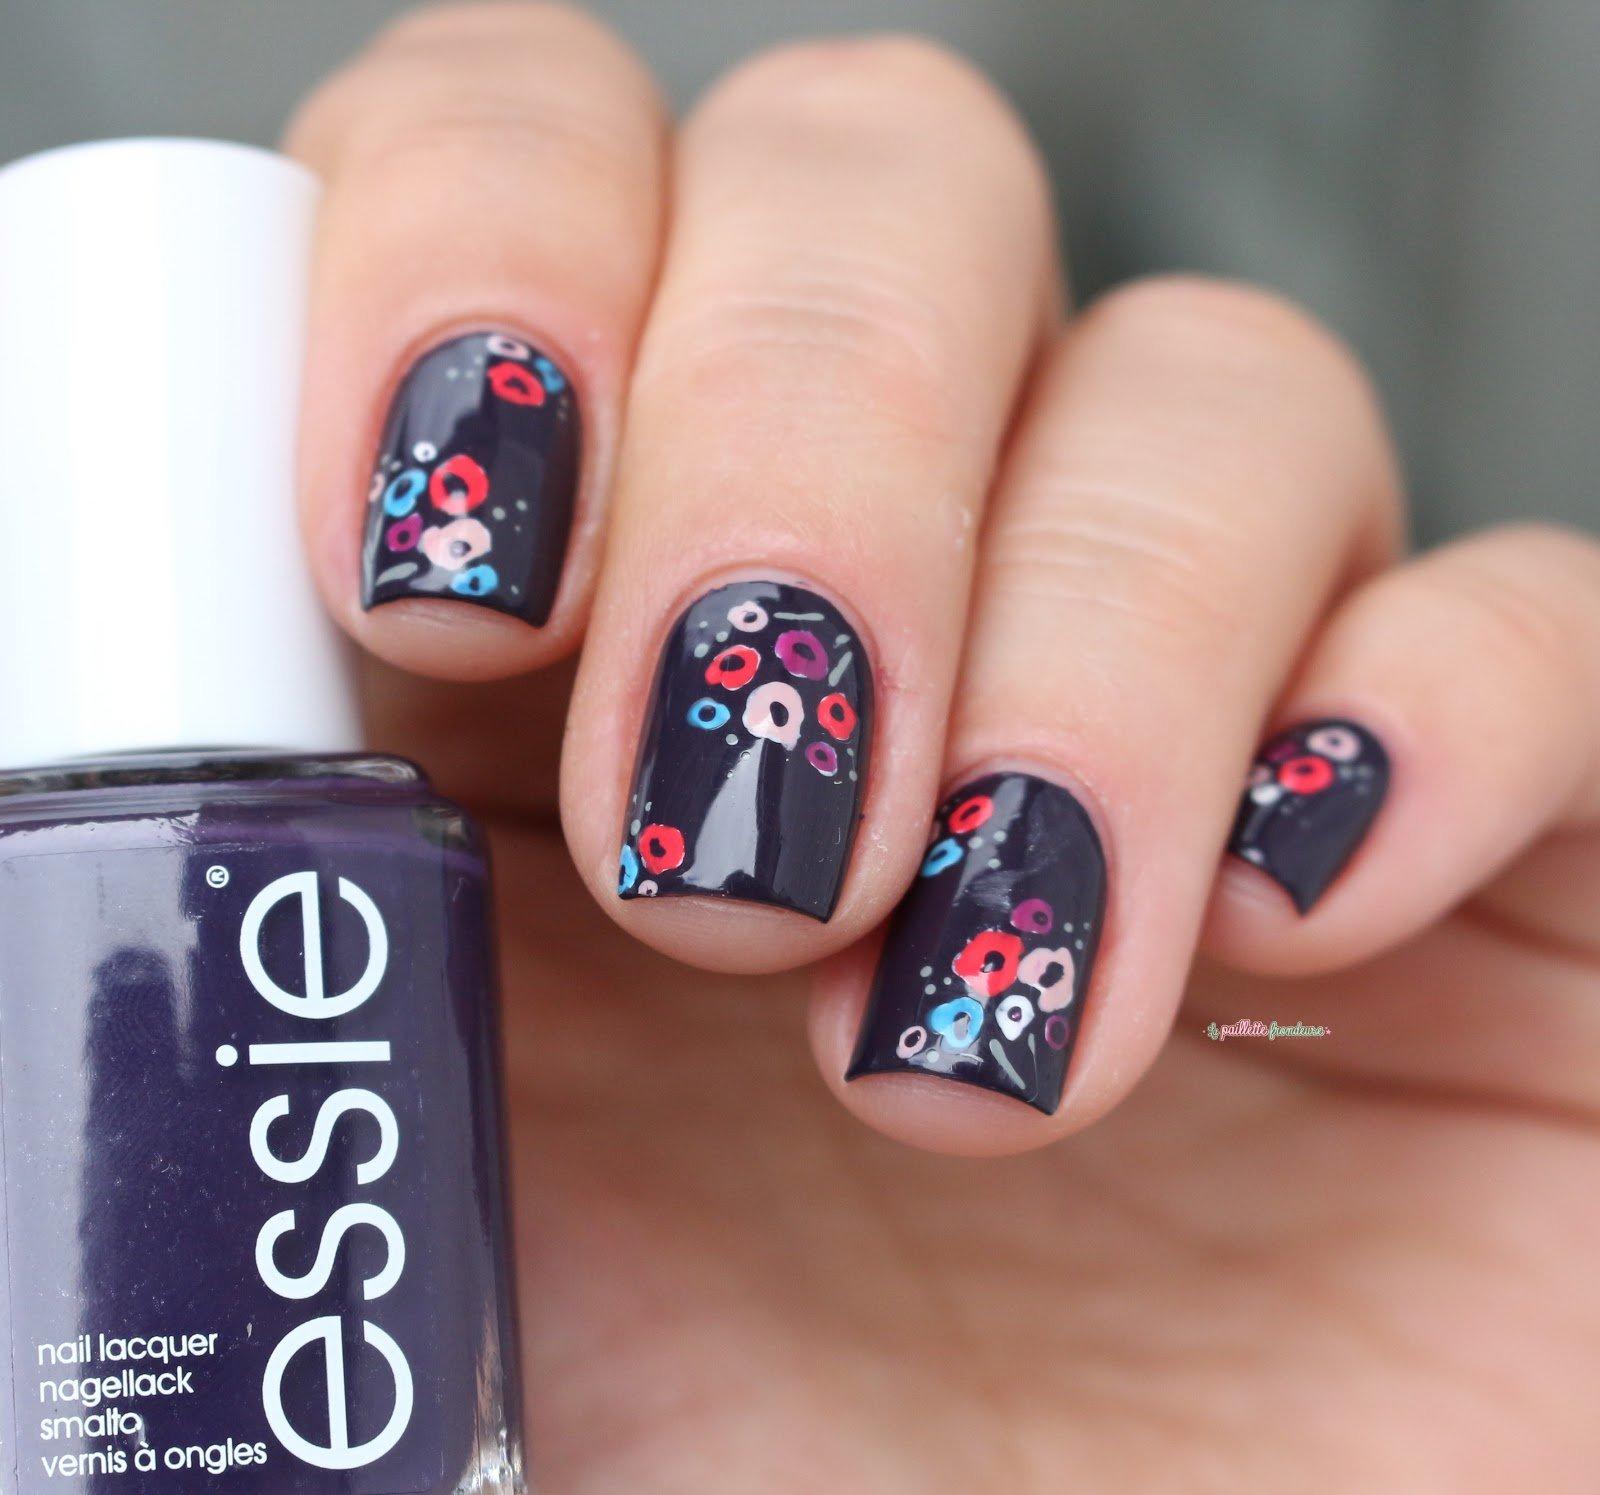 Uñas cortas en color morado con flores rosas